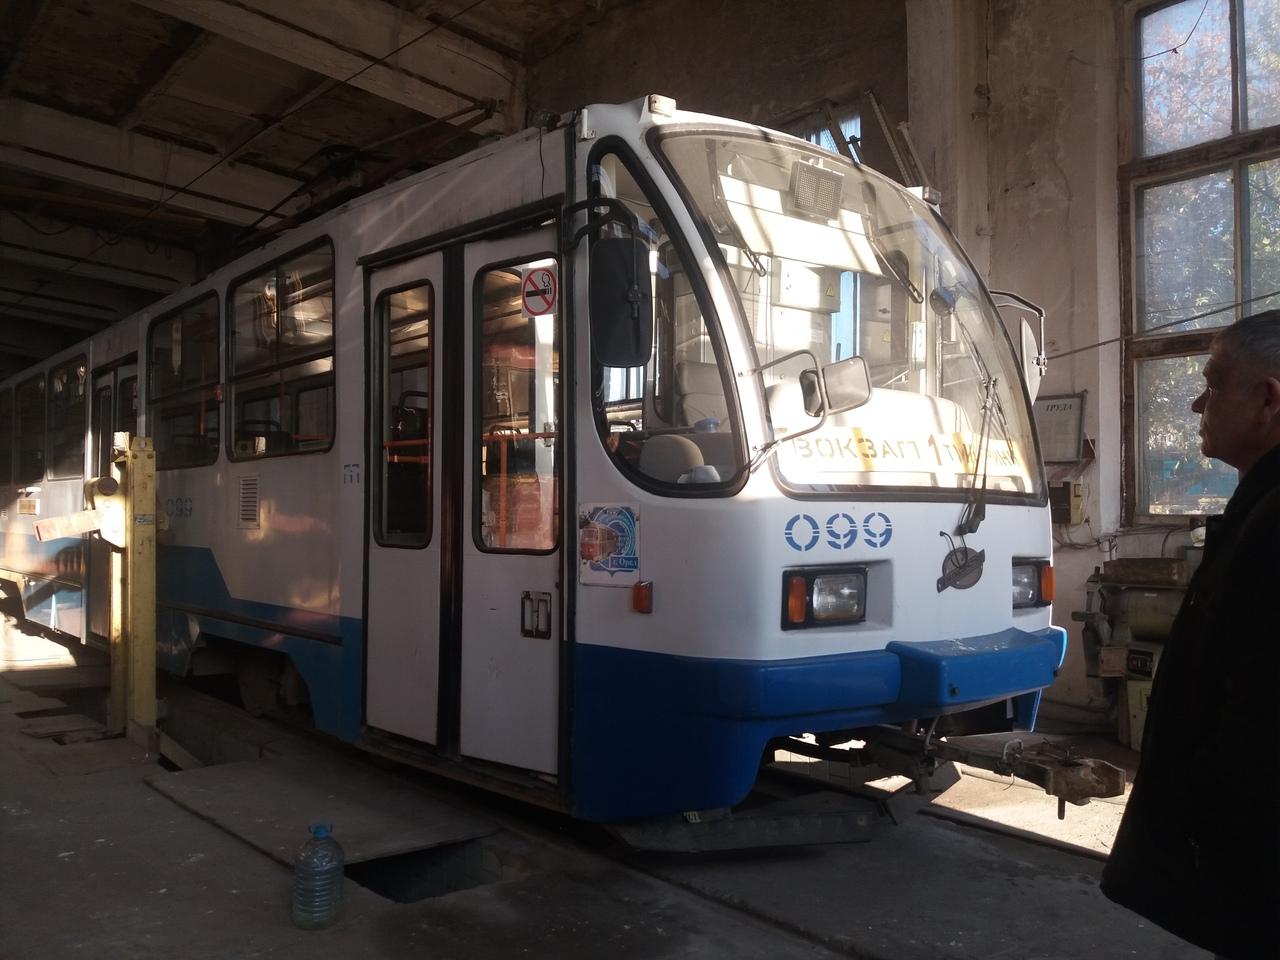 В ТТП обсудили запуск «квадратного» трамвая